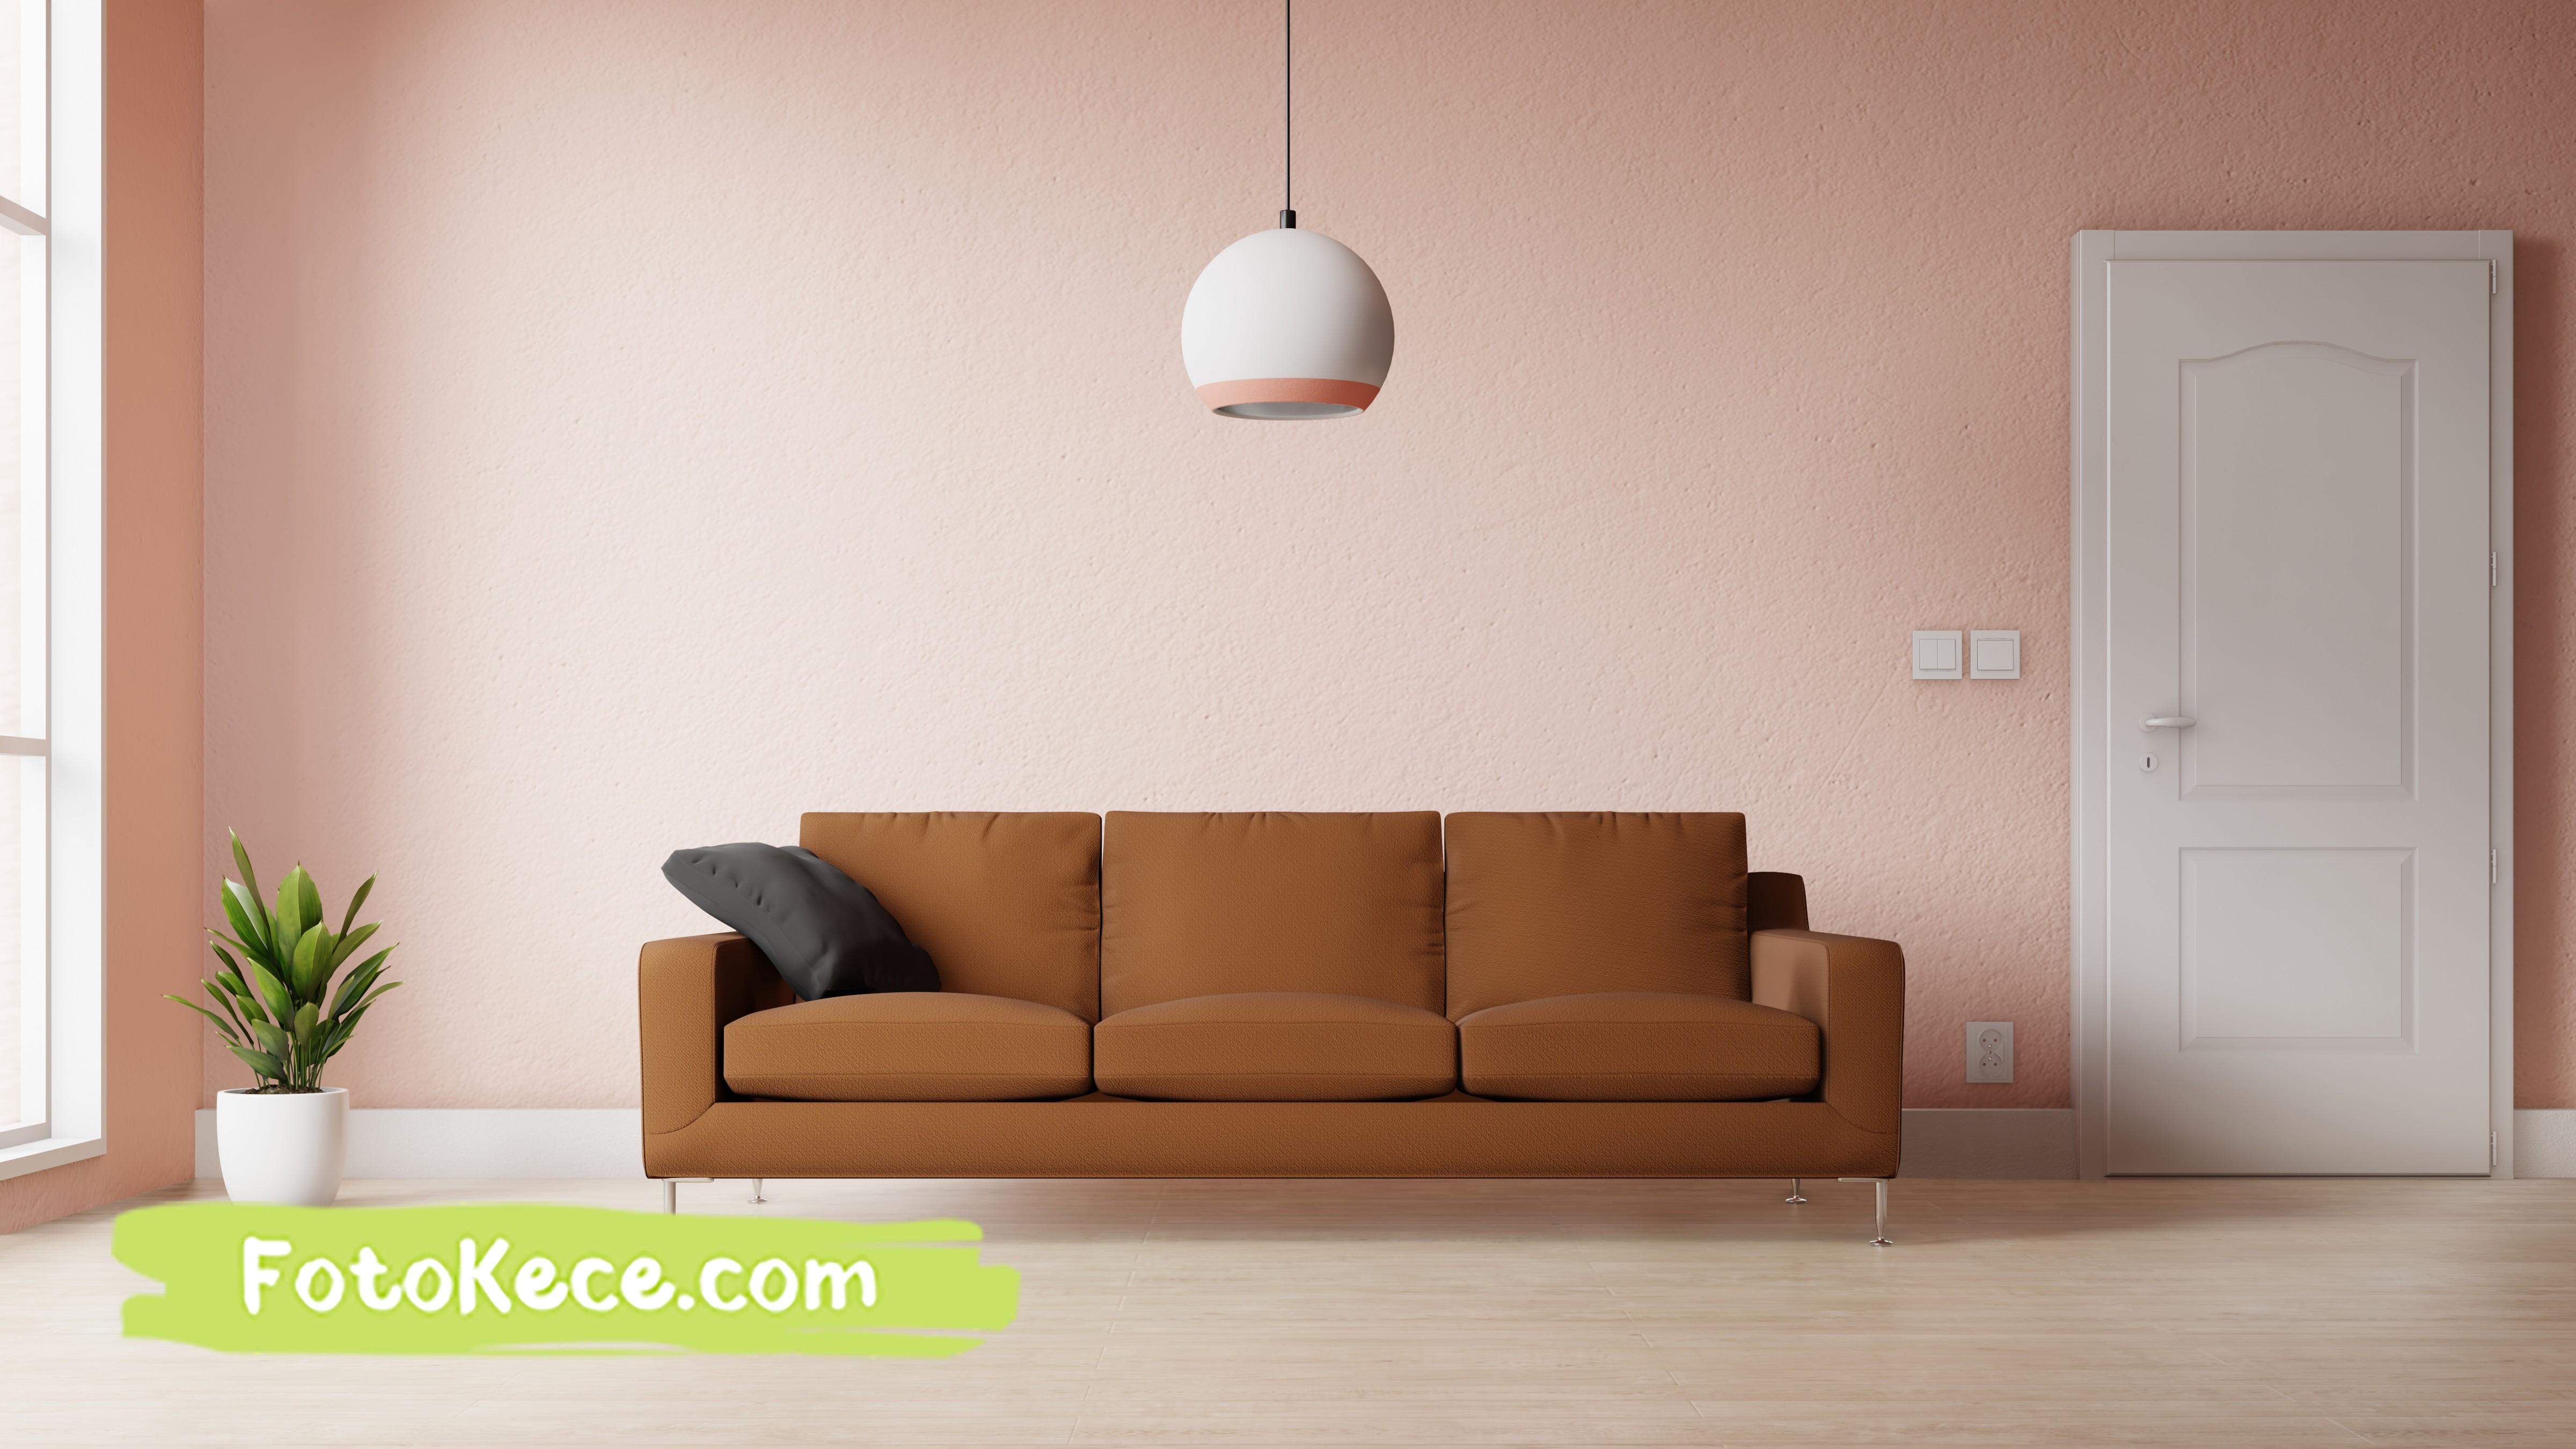 ruang tamu modern dengan dekorasi warna warni foto kece 1